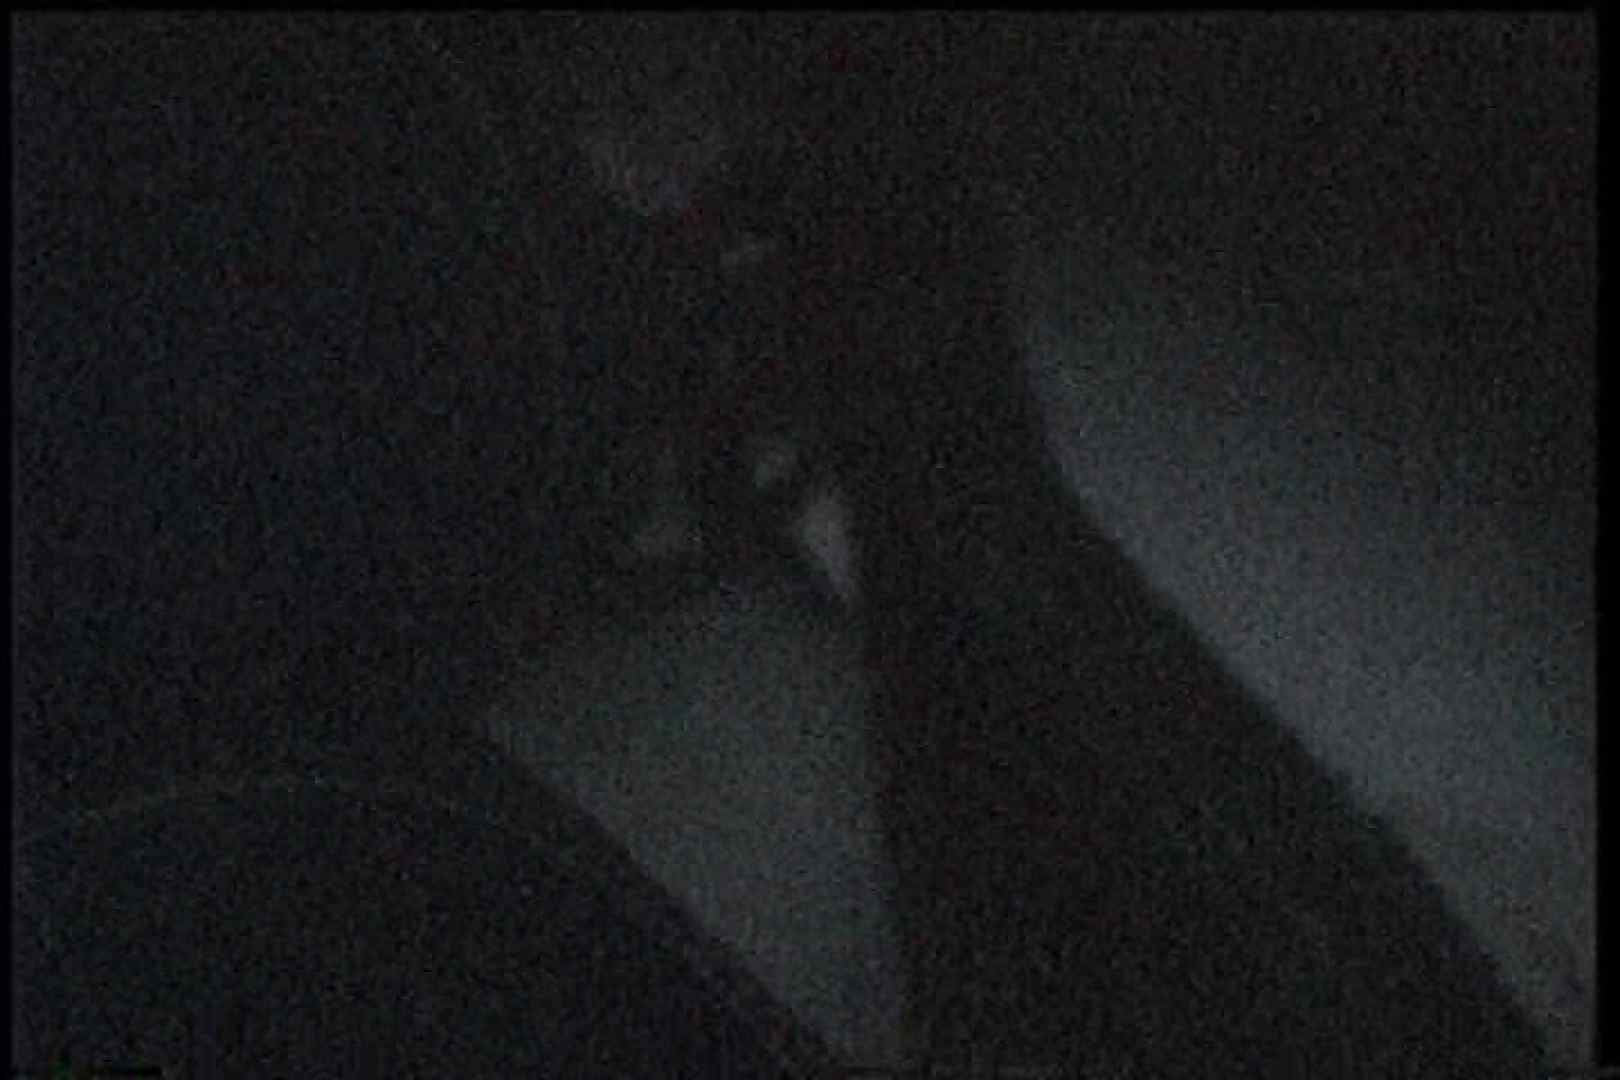 充血監督の深夜の運動会Vol.187 エロティックなOL   エッチなセックス  96画像 35